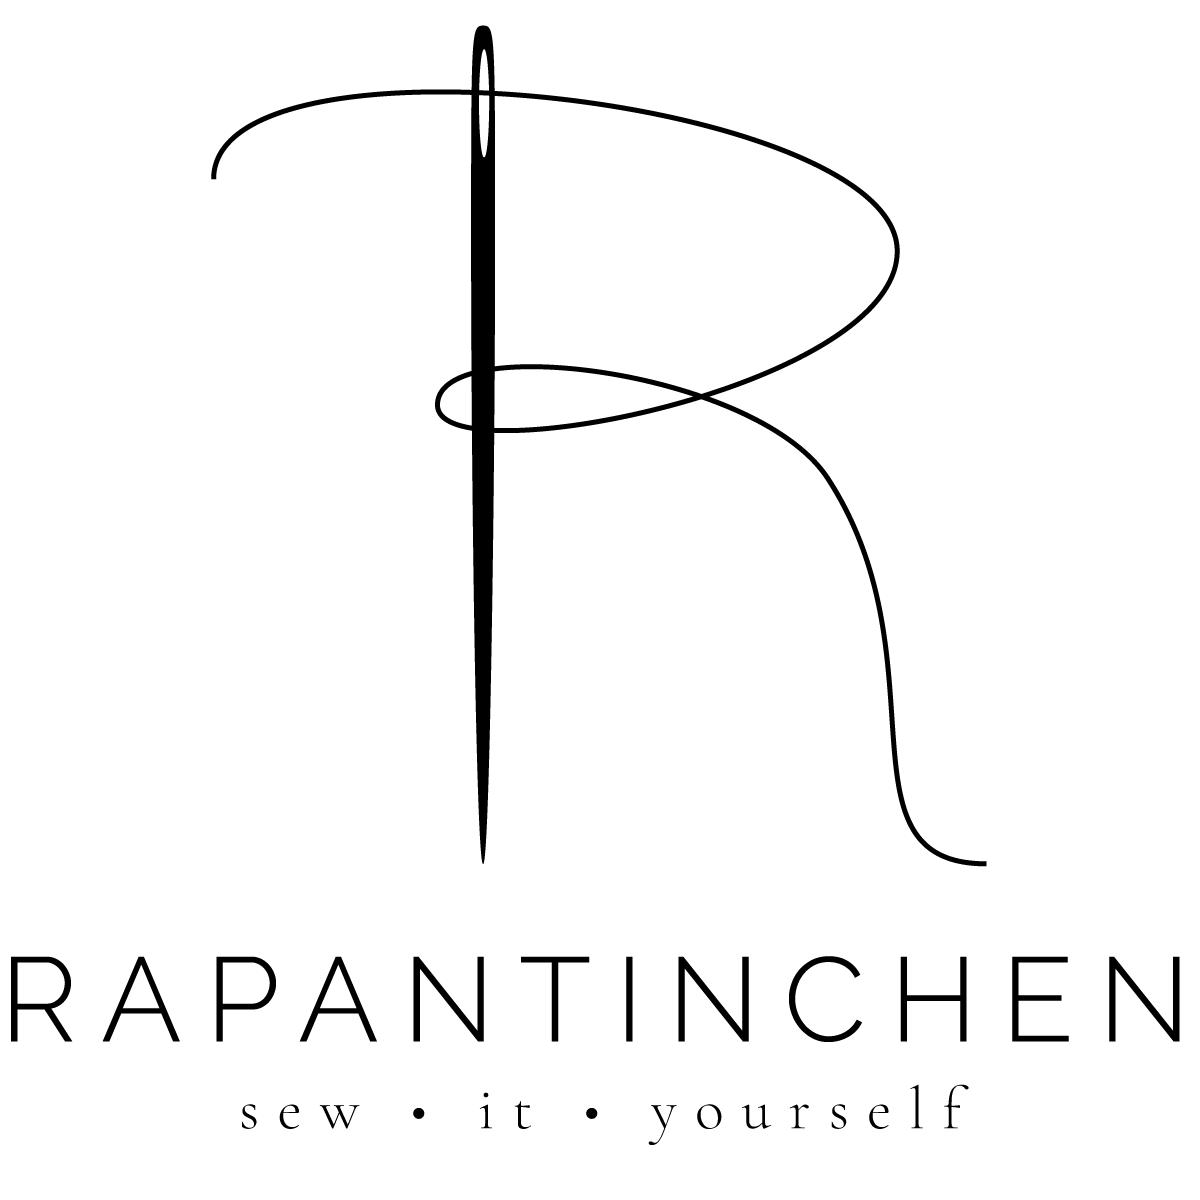 Rapantinchen